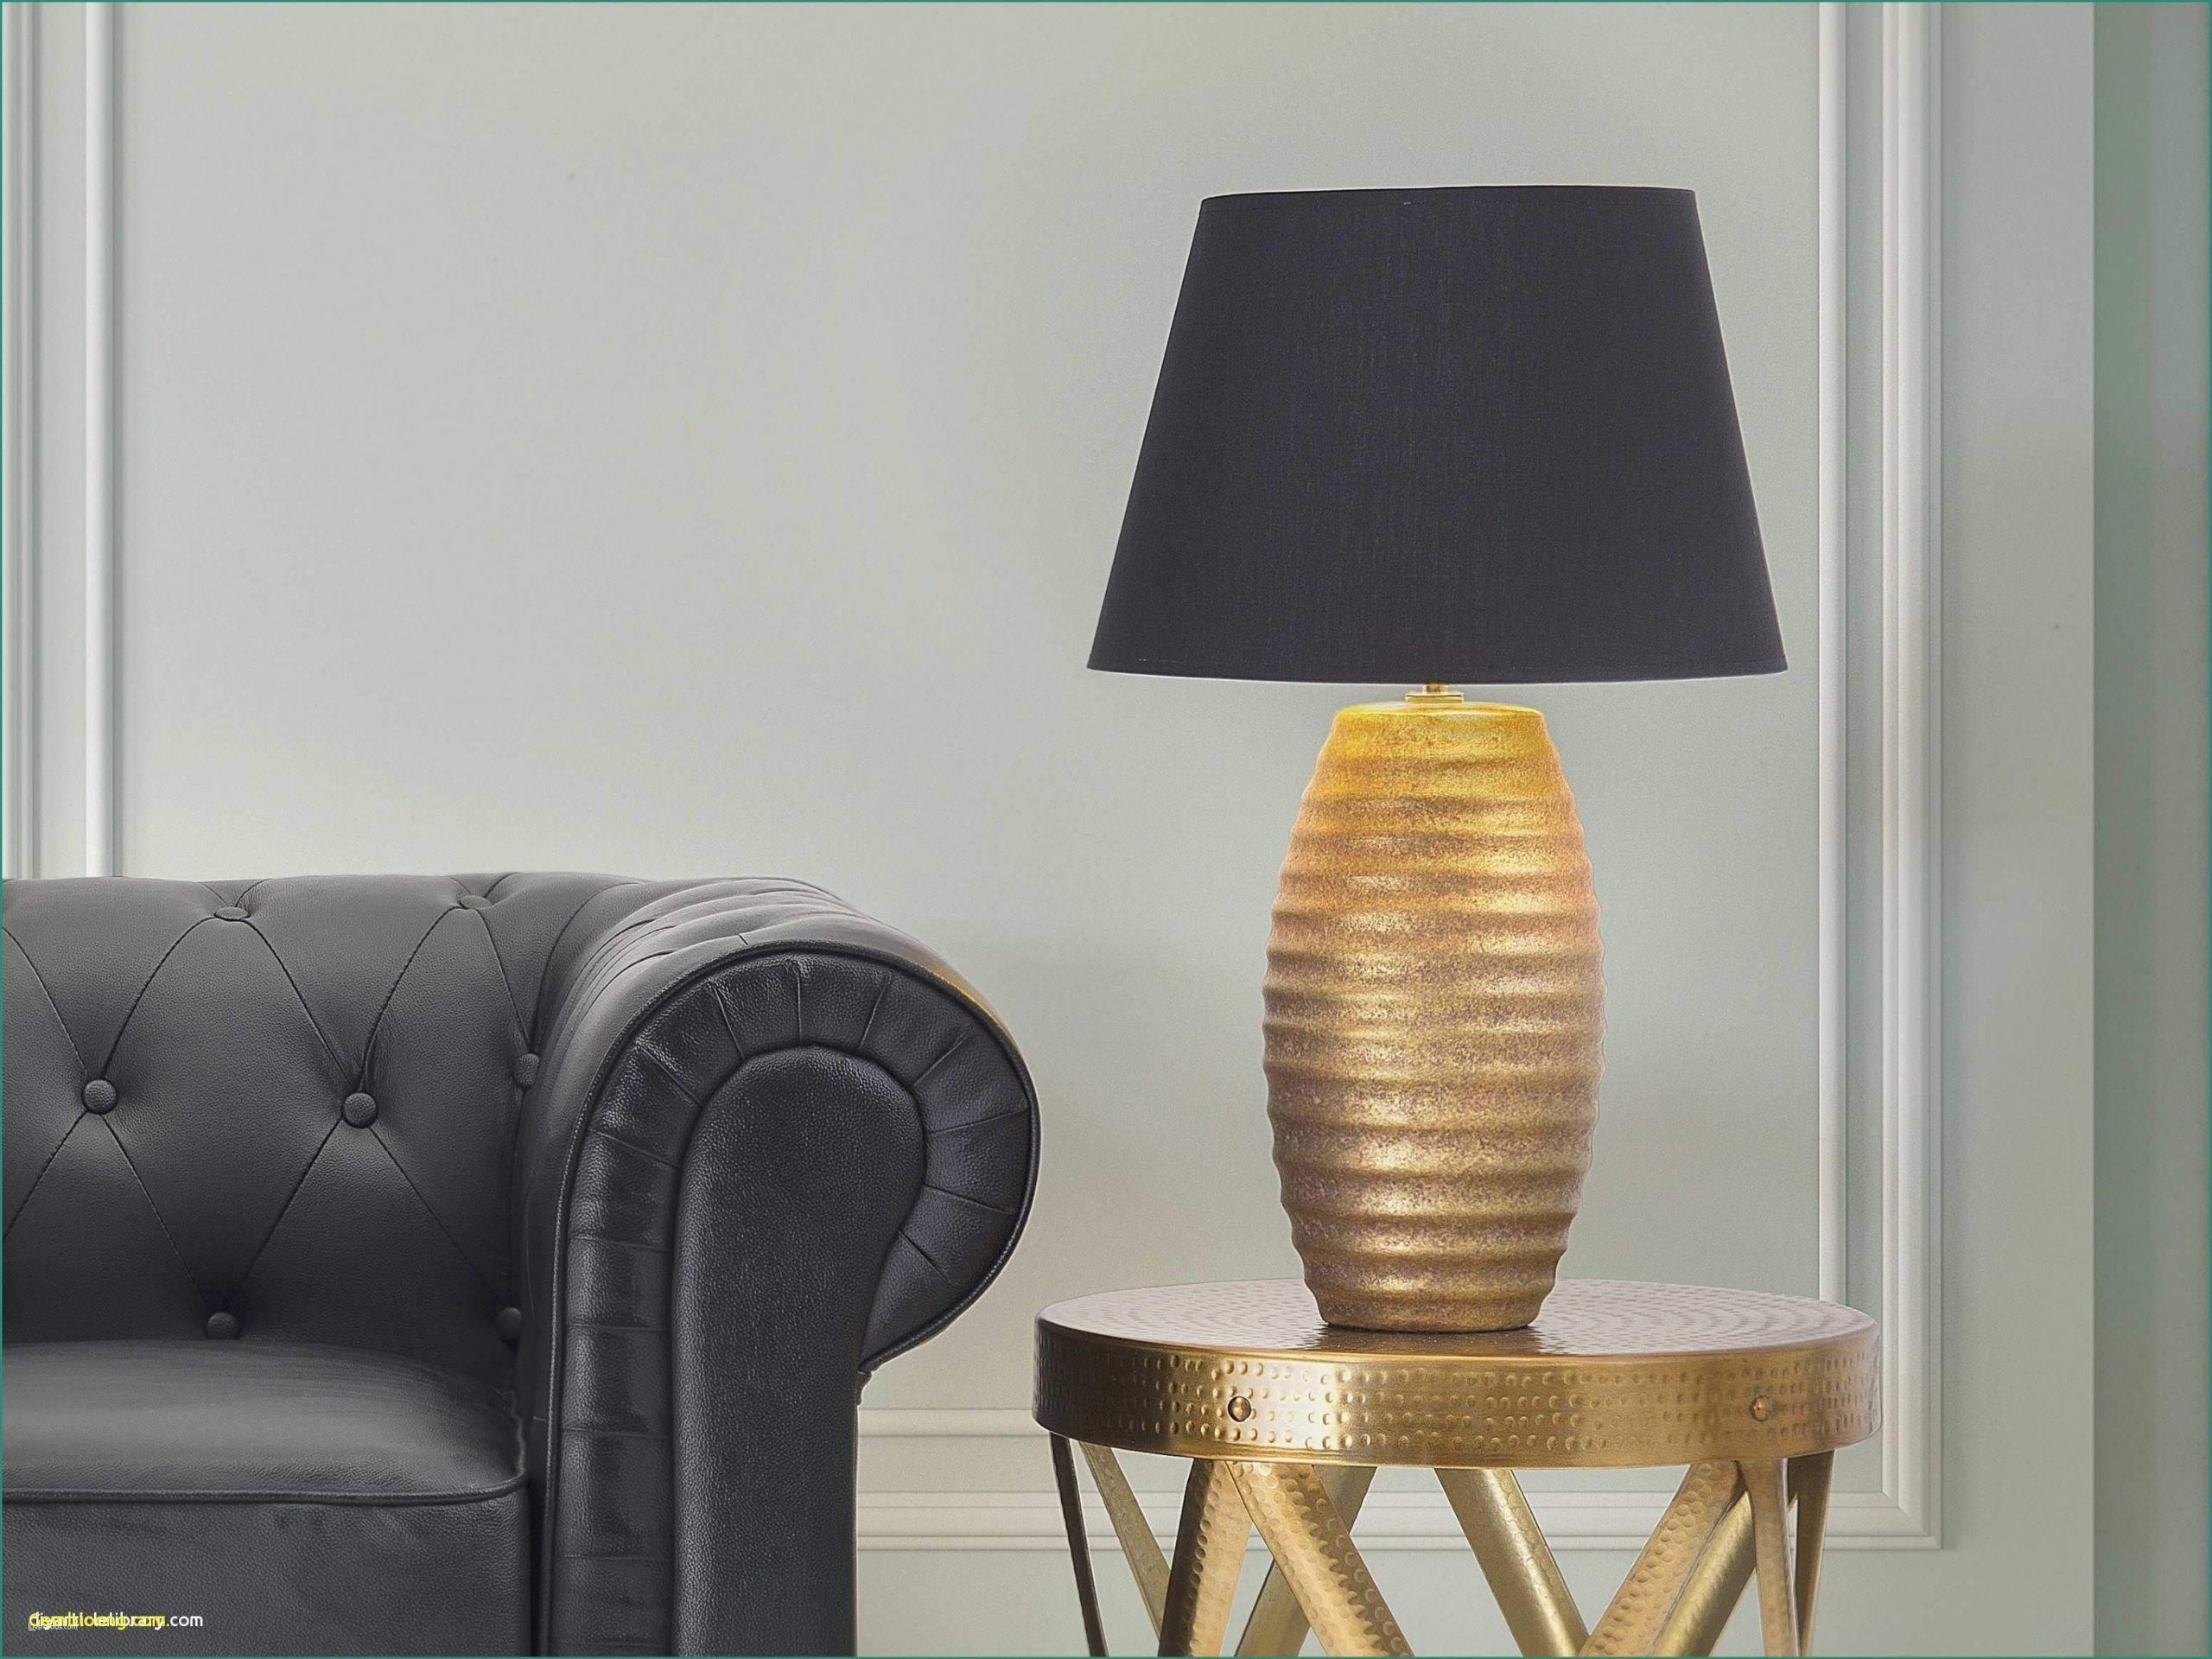 Full Size of Wohnzimmer Stehlampen Genial Credenze Moderne Design E Sessel Tischlampe Led Deckenleuchte Deckenlampen Vorhänge Landhausstil Stehlampe Deckenleuchten Lampen Wohnzimmer Moderne Stehlampe Wohnzimmer